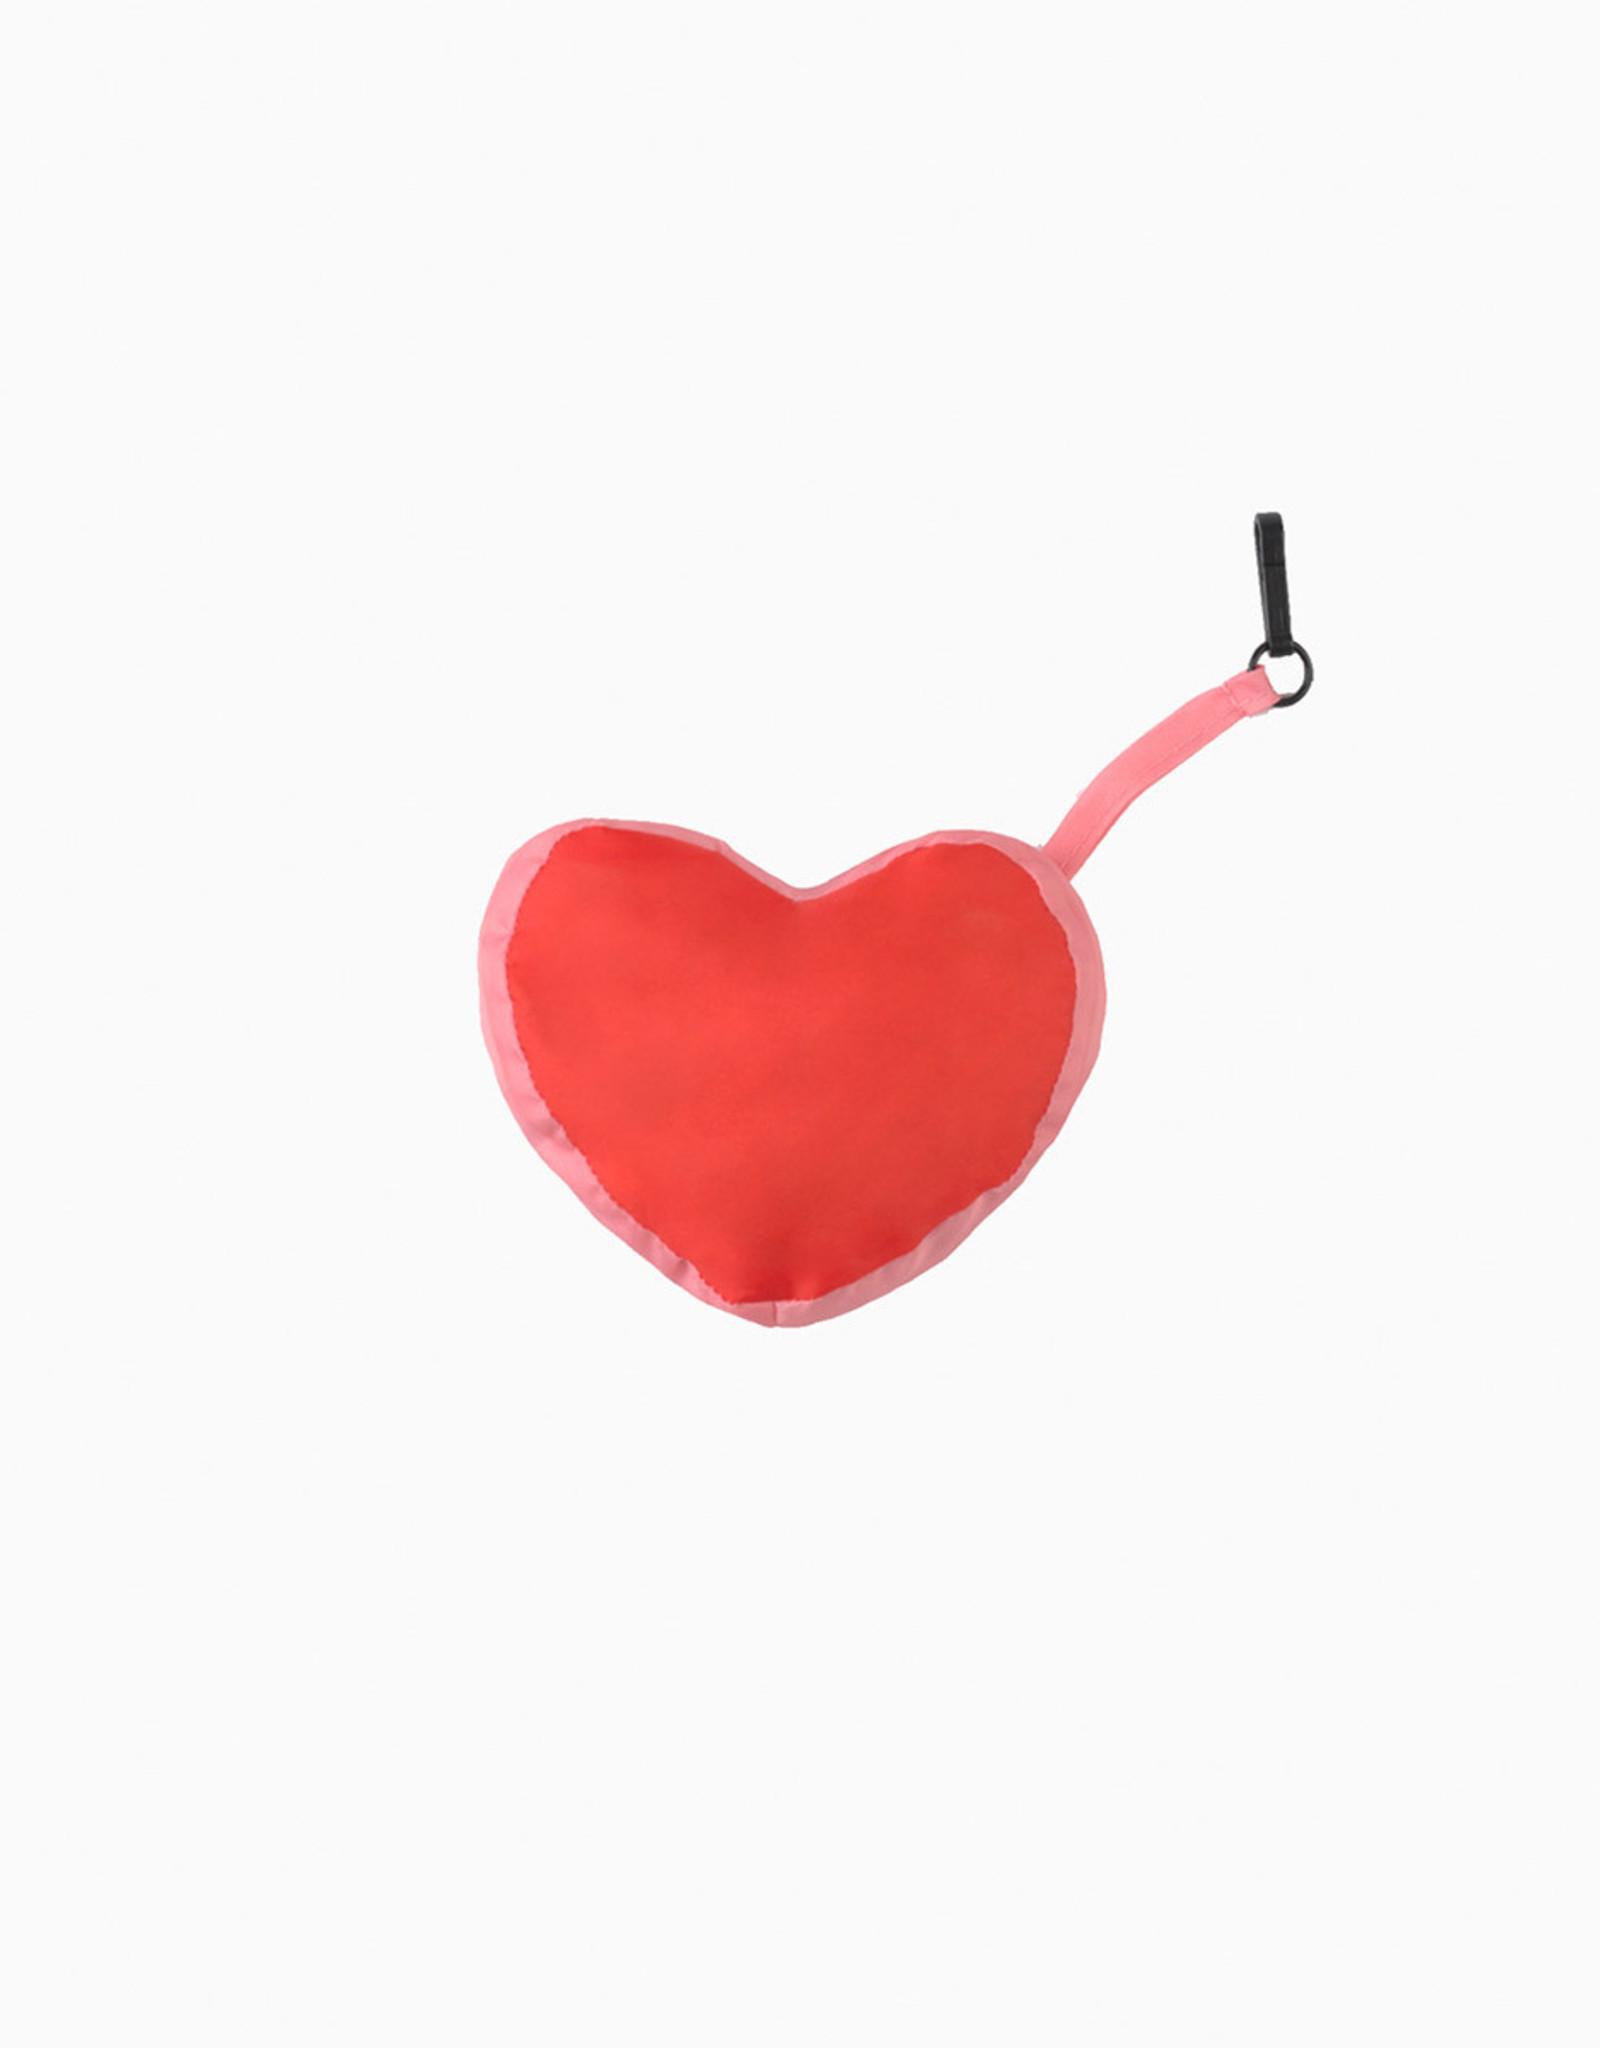 DOIY Sac réutilisable - Coeur